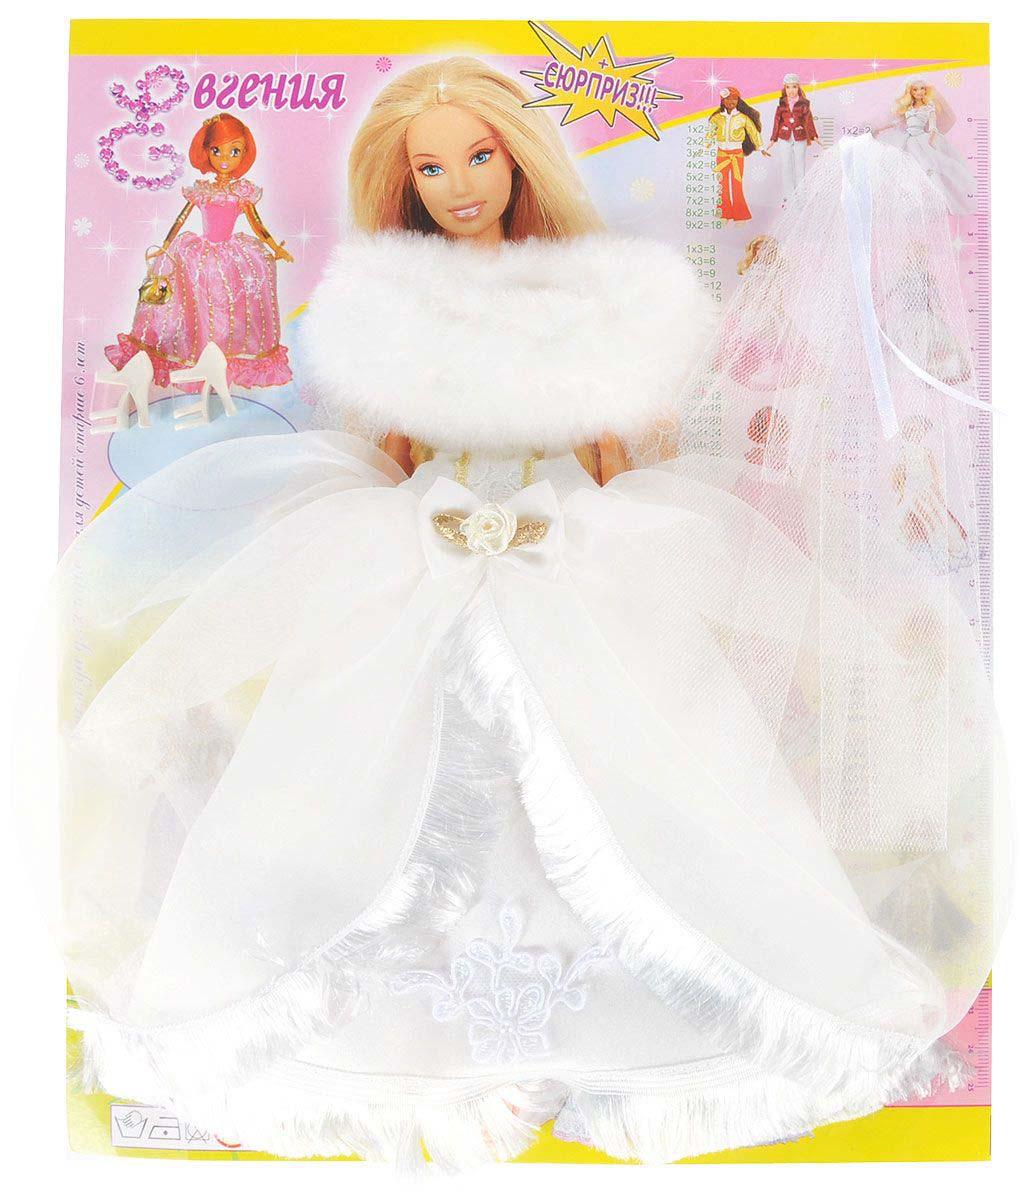 Купить Одежда для кукол: платье, фата, туфли, закладка., Евгения